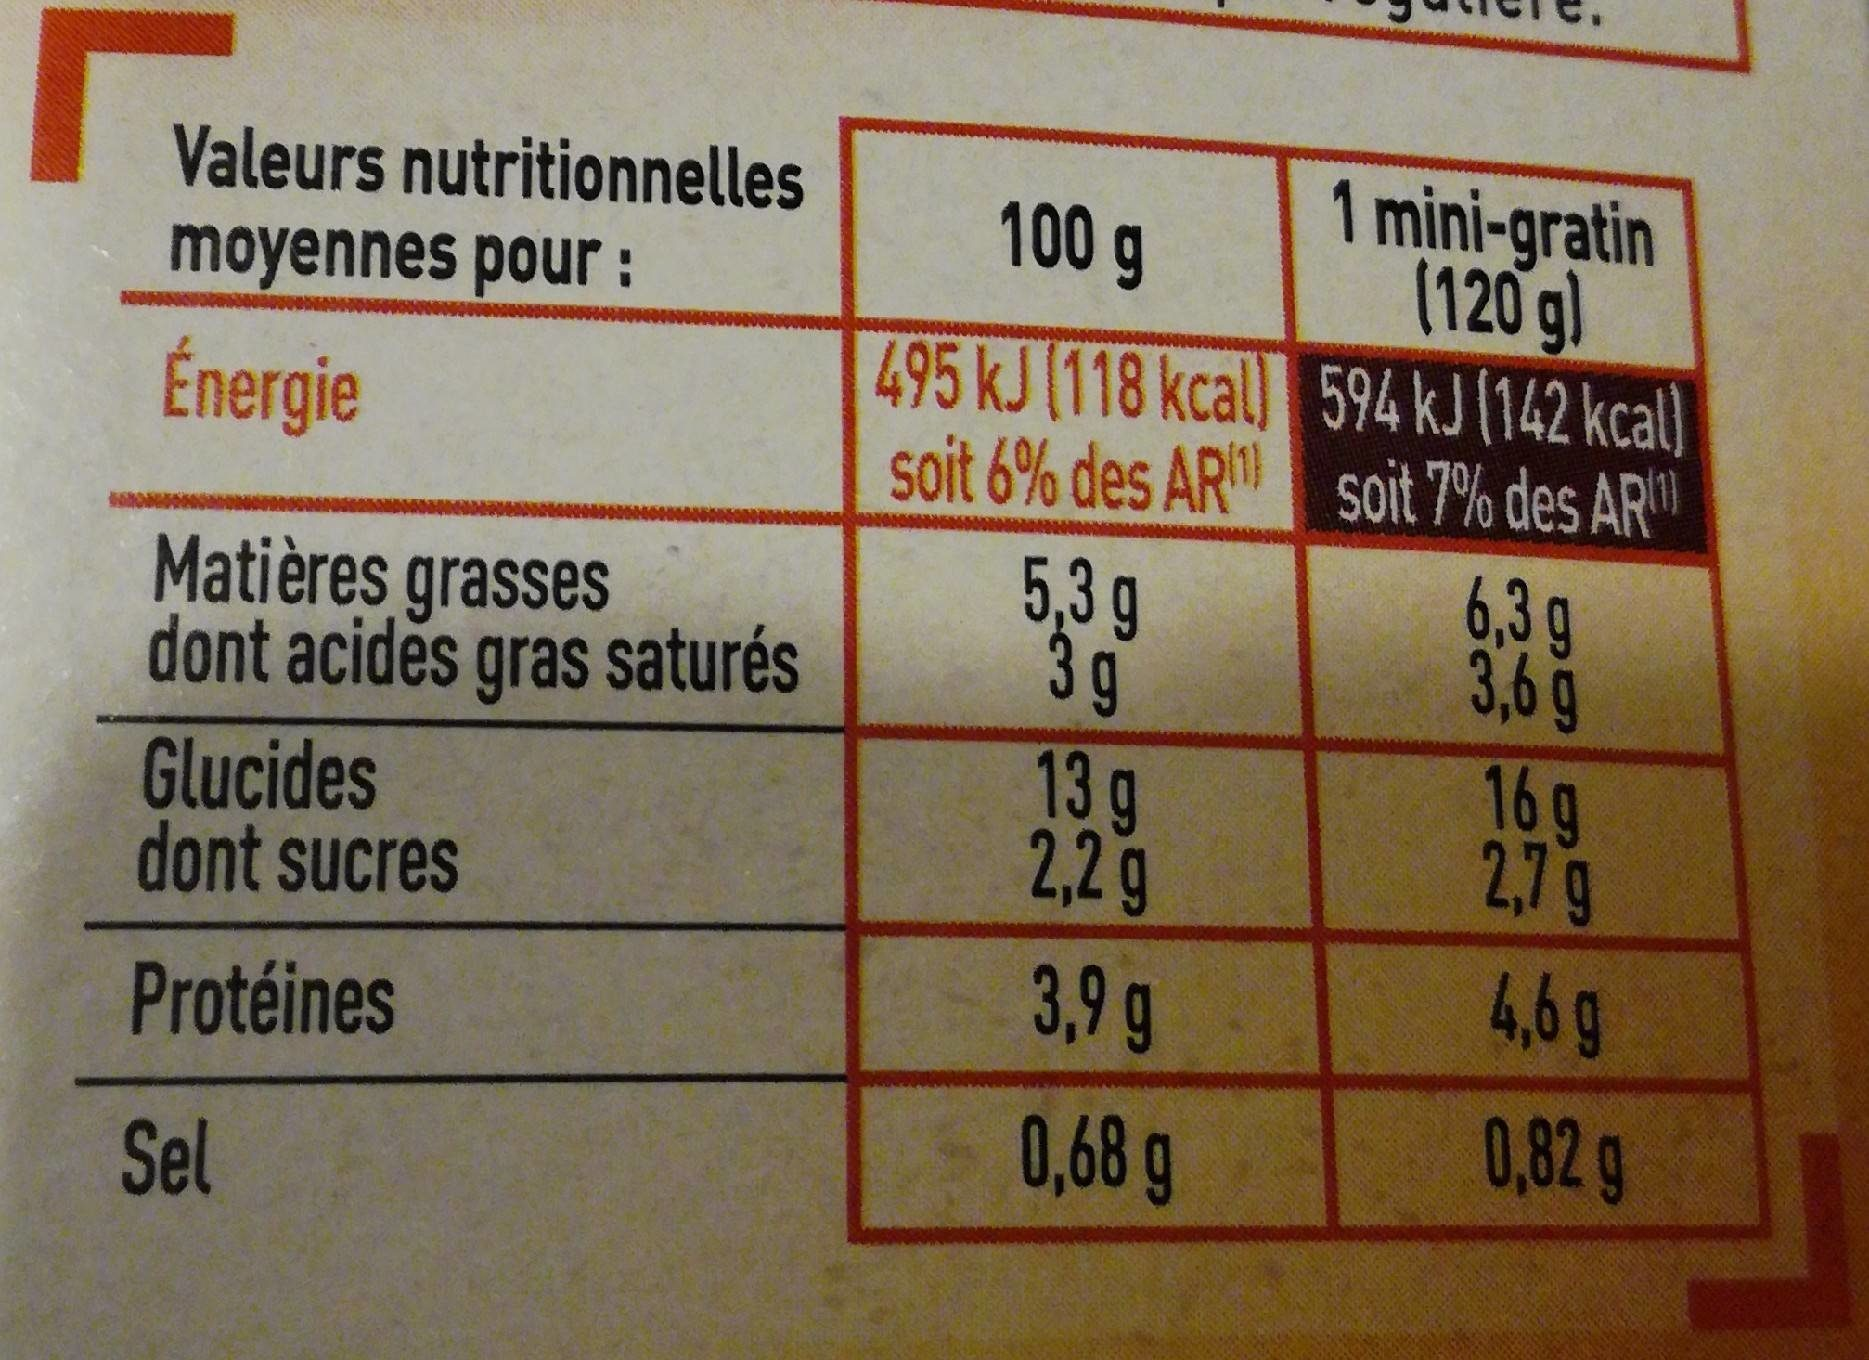 4 mini gratins de pomme de terre - Informations nutritionnelles